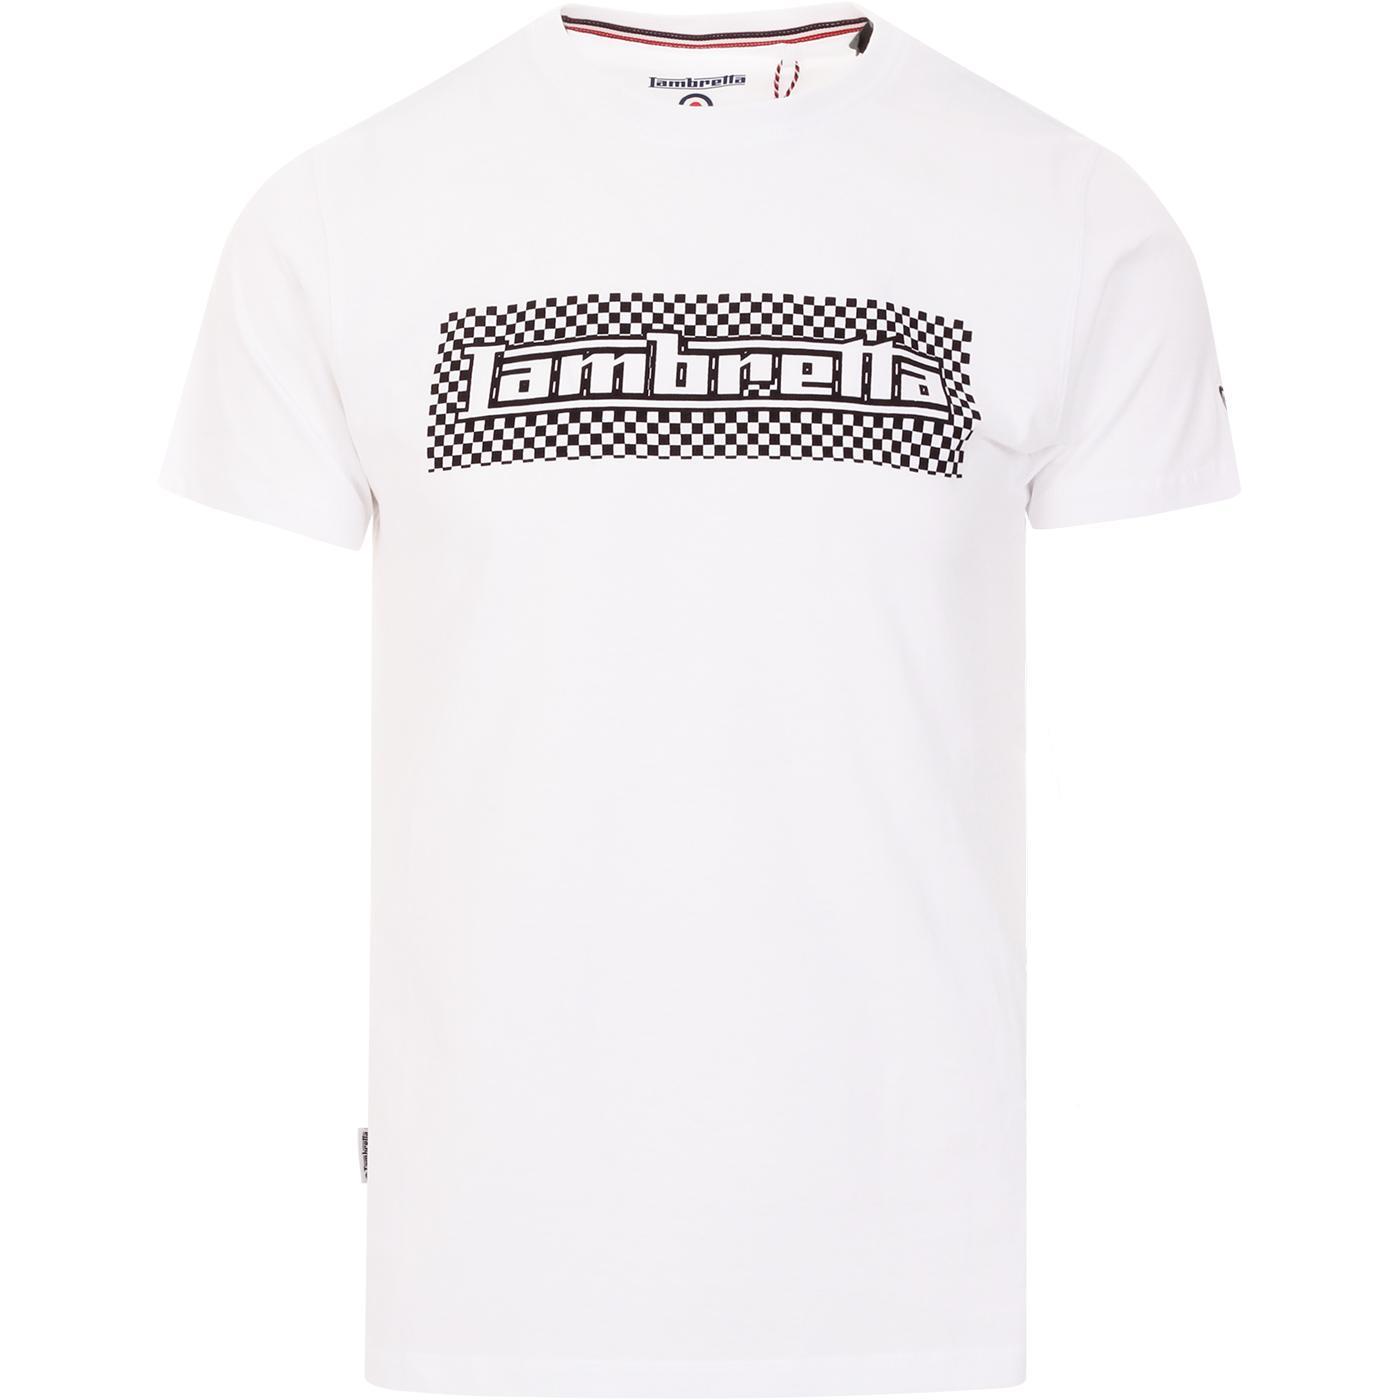 LAMBRETTA Mod Ska Checkerboard Logo Tee (White)